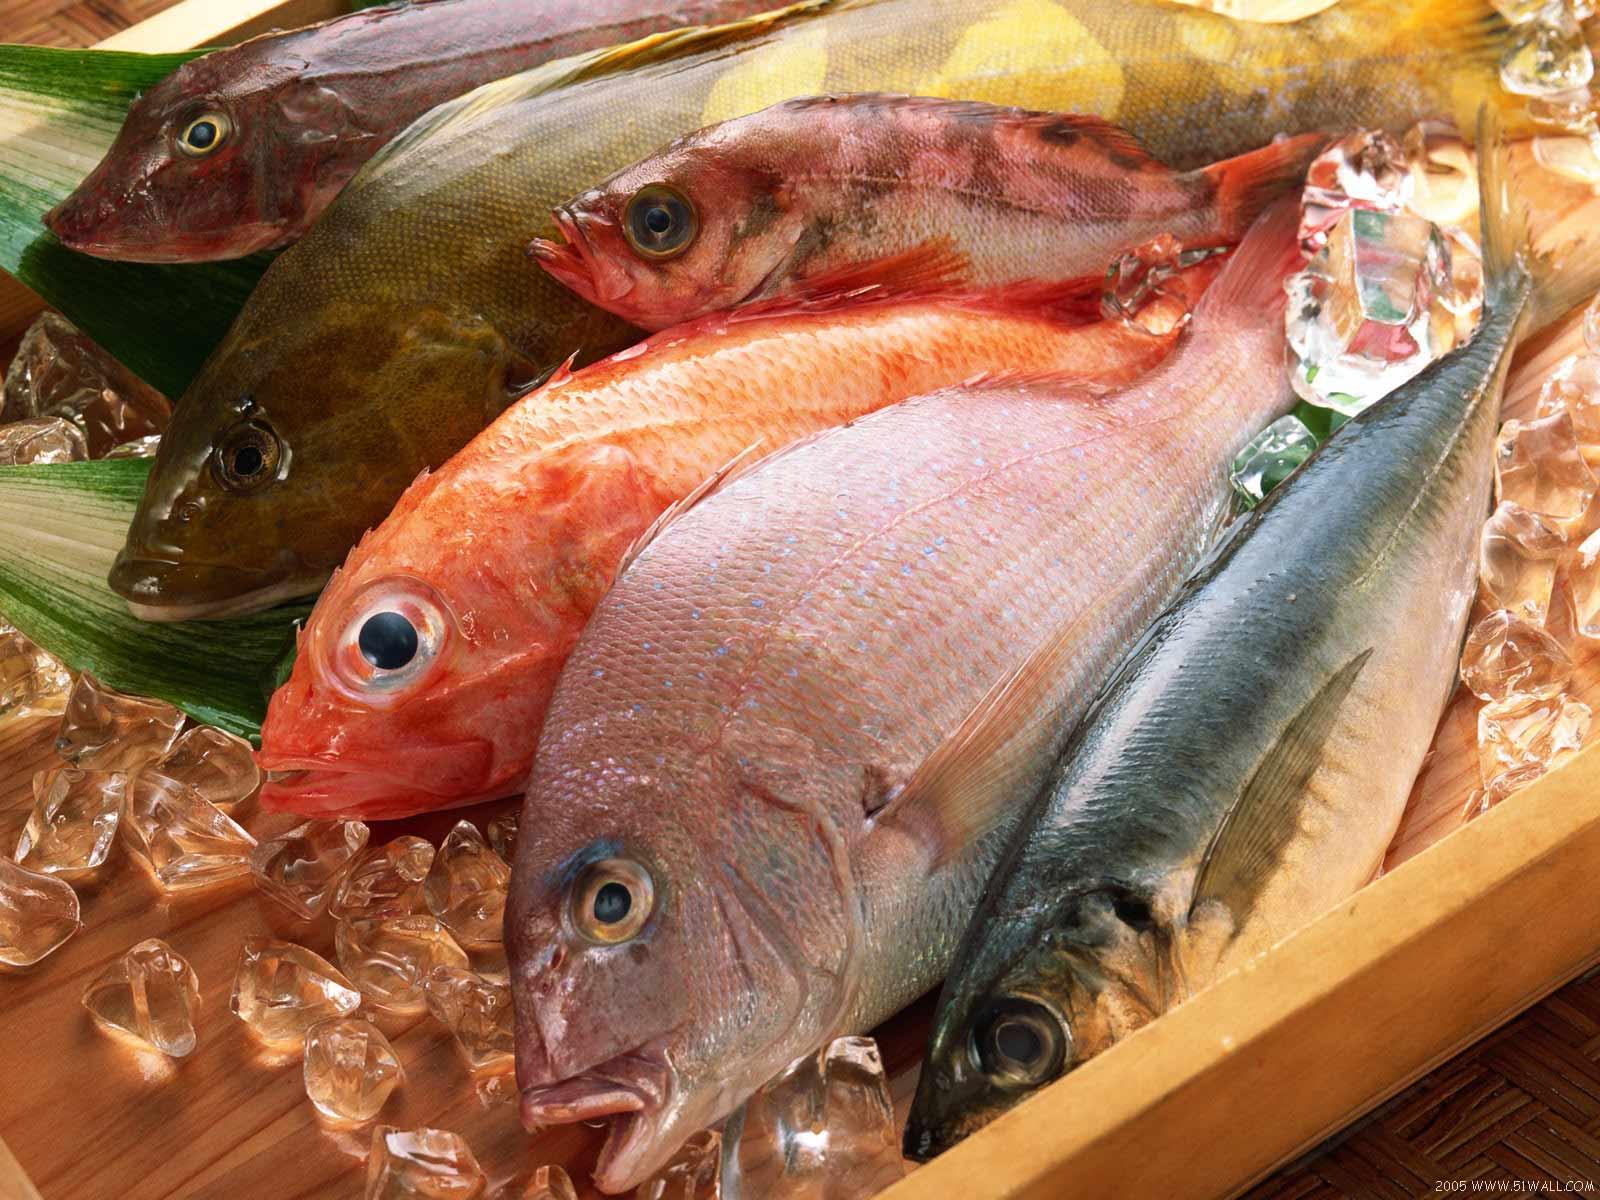 6200 Koleksi Gambar Hewan Yang Halal Di Laut Terbaru